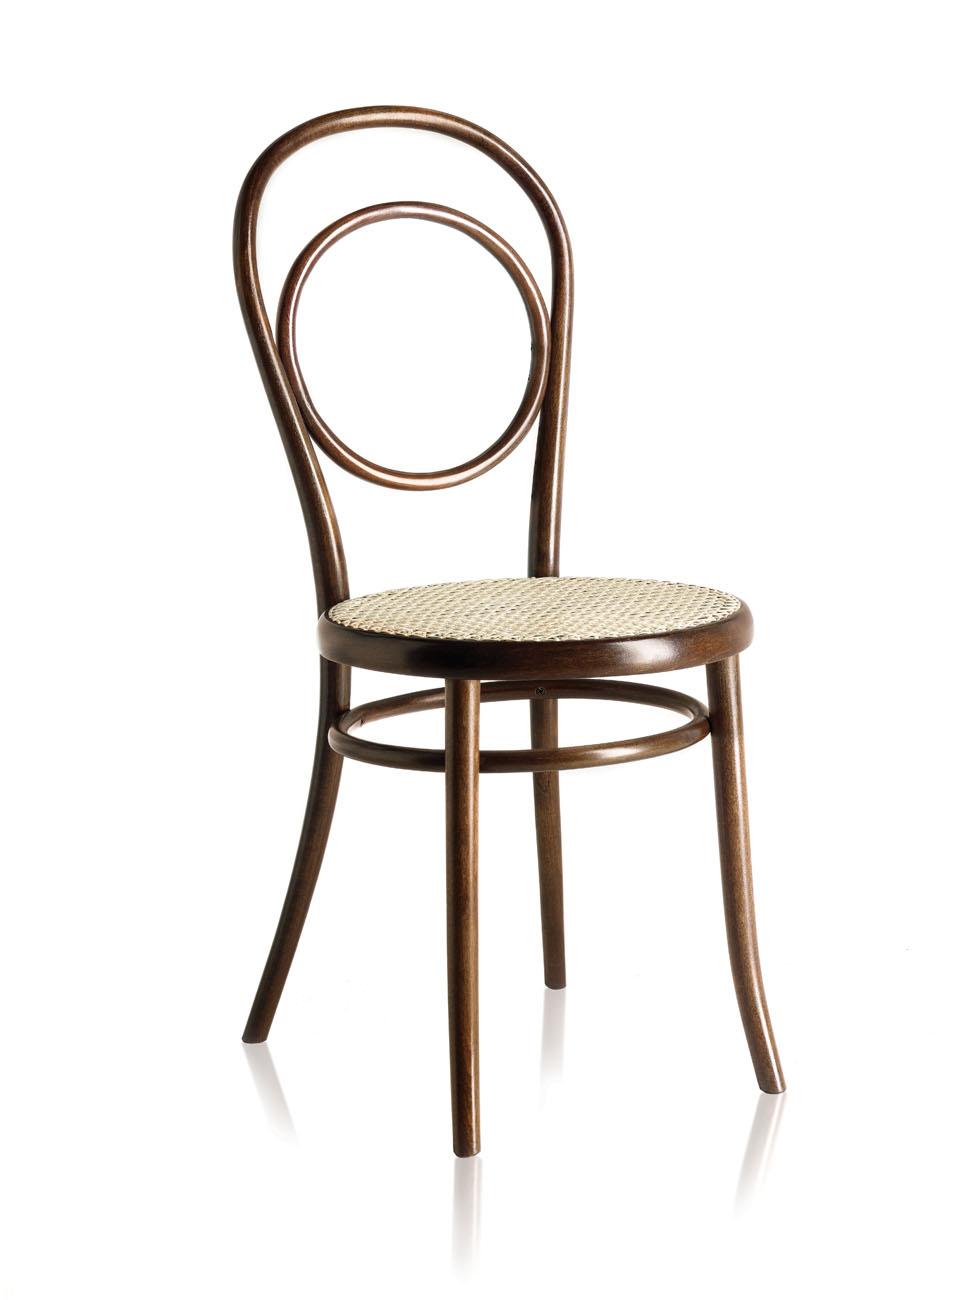 Il giardino di fasti floreali le sedie thonet for Ikea sedie nere